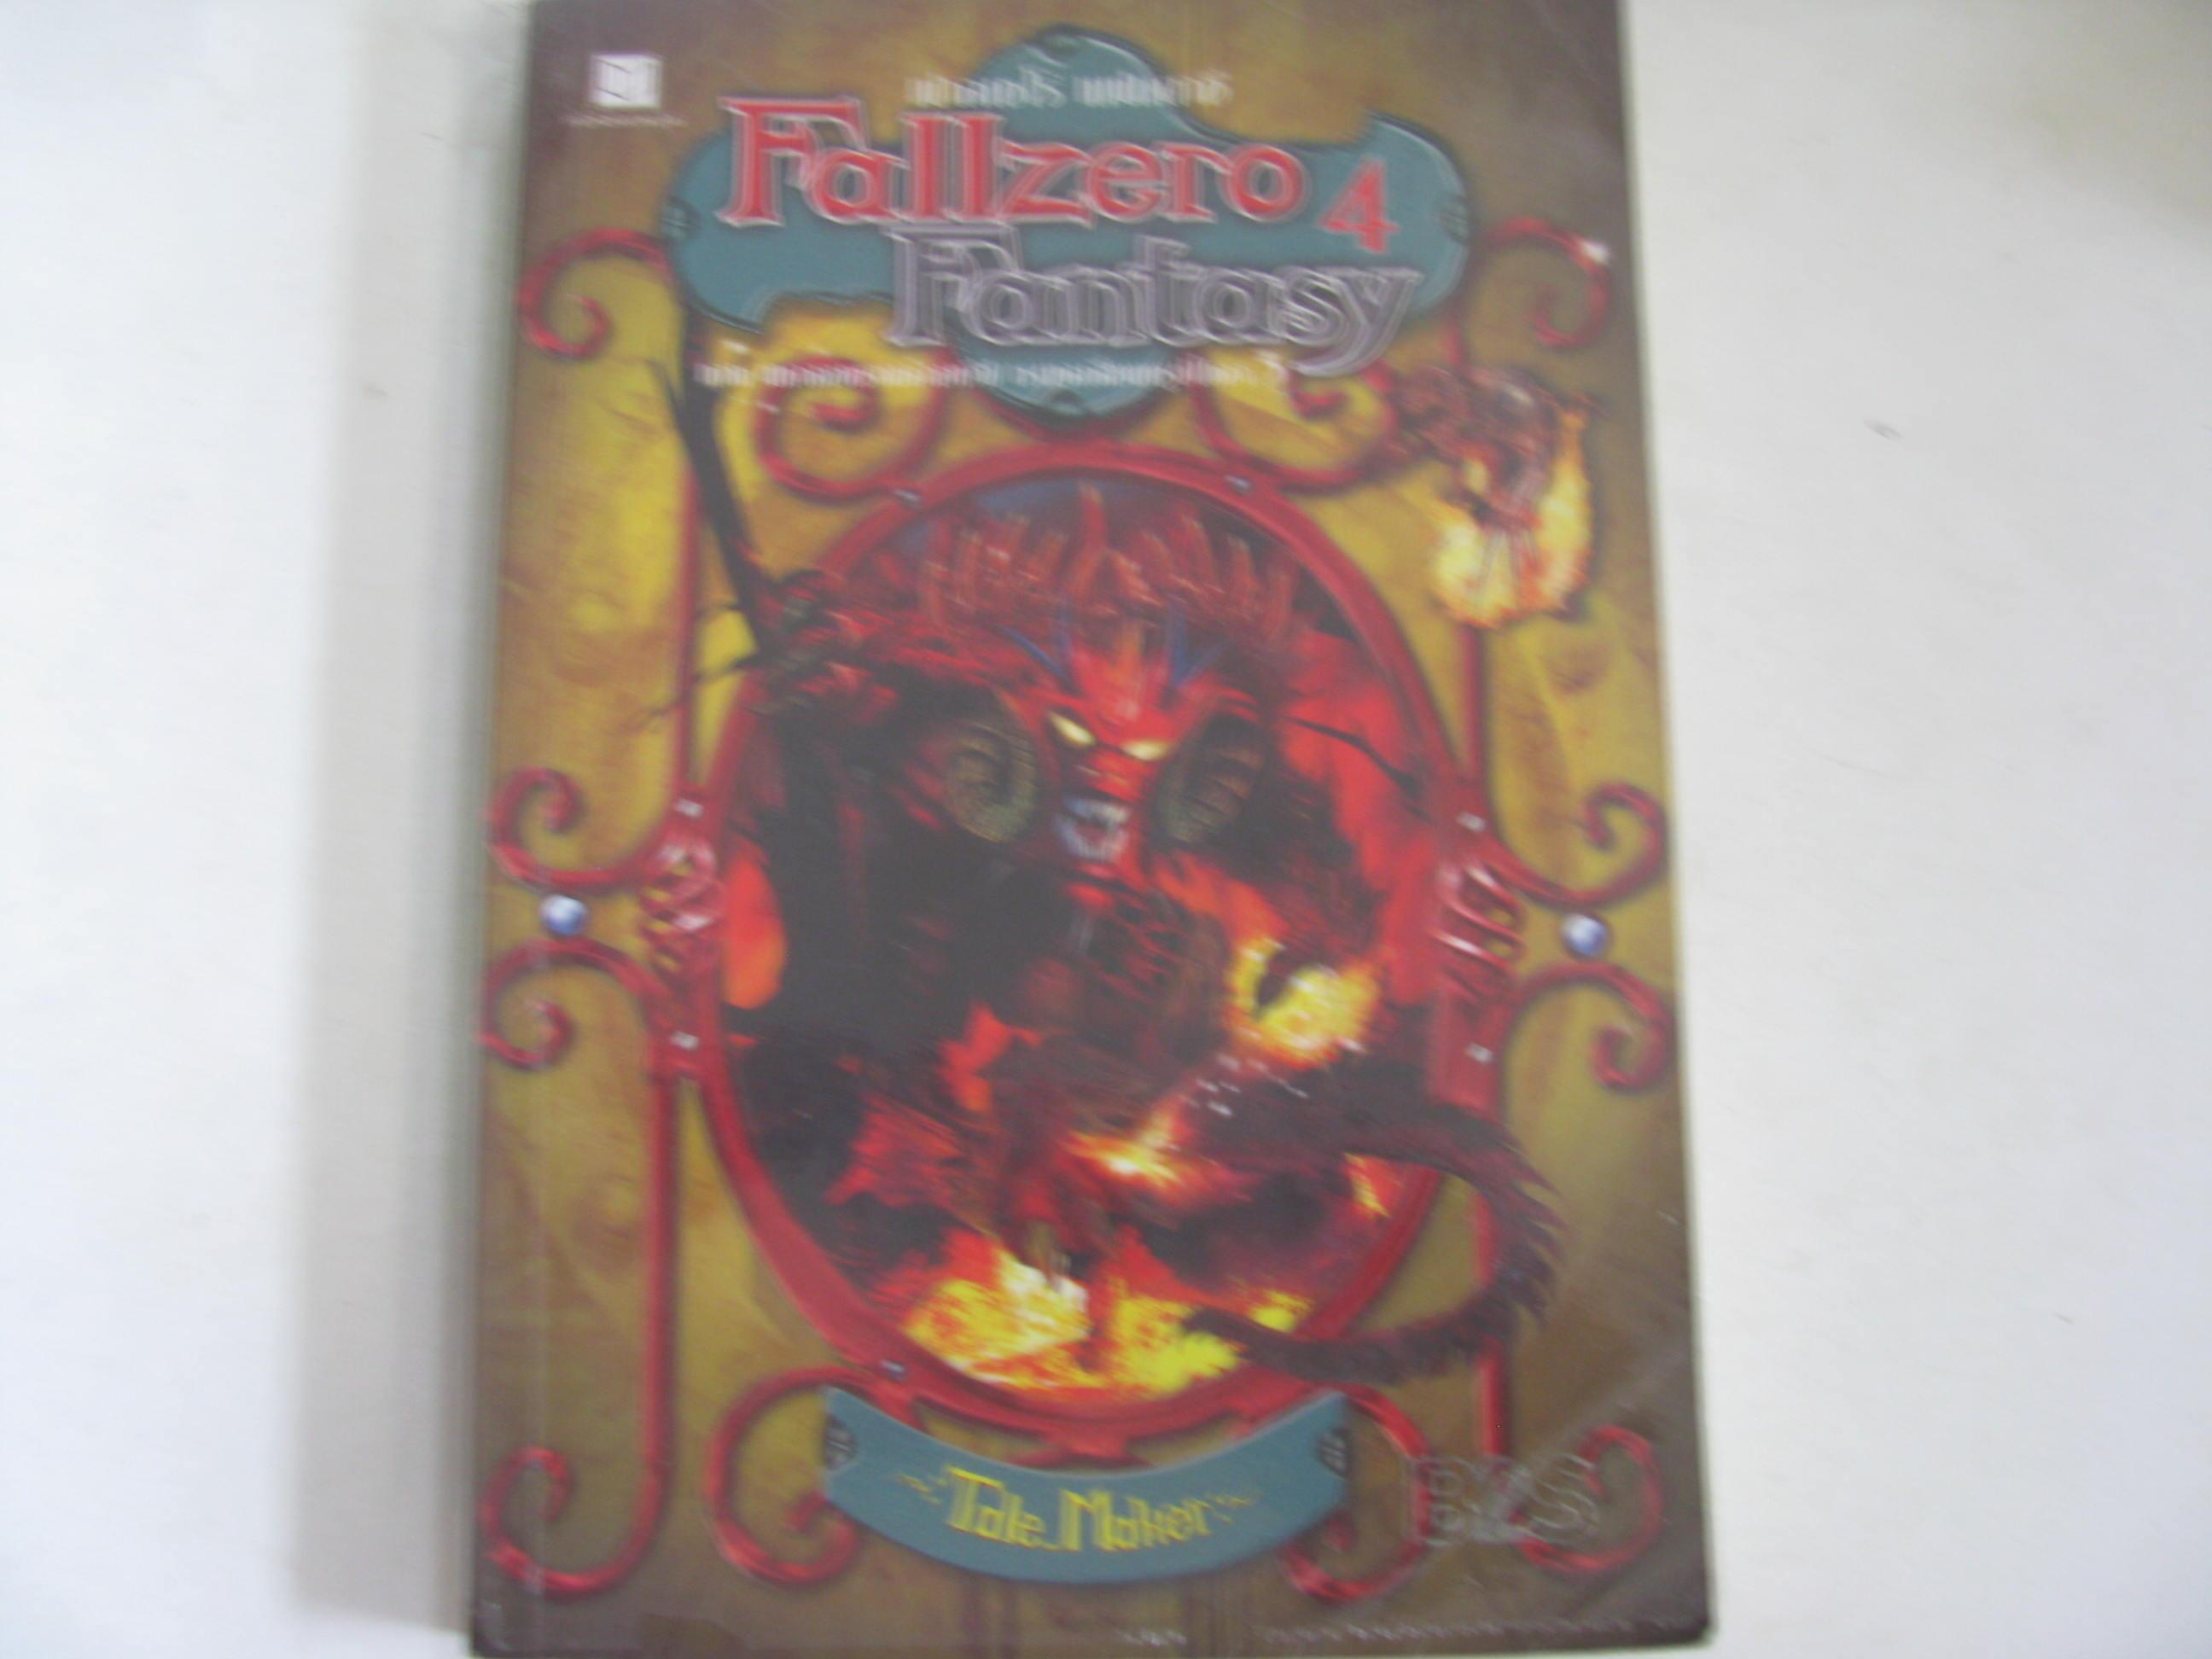 ฟาลเซโร่ แฟนตาซี ภาค มหาสงครามล้างทวีปเรเบลเลี่ยนทรูปไกอา เล่ม 3 (Fallzero Fantasy) Tale Maker เขียน